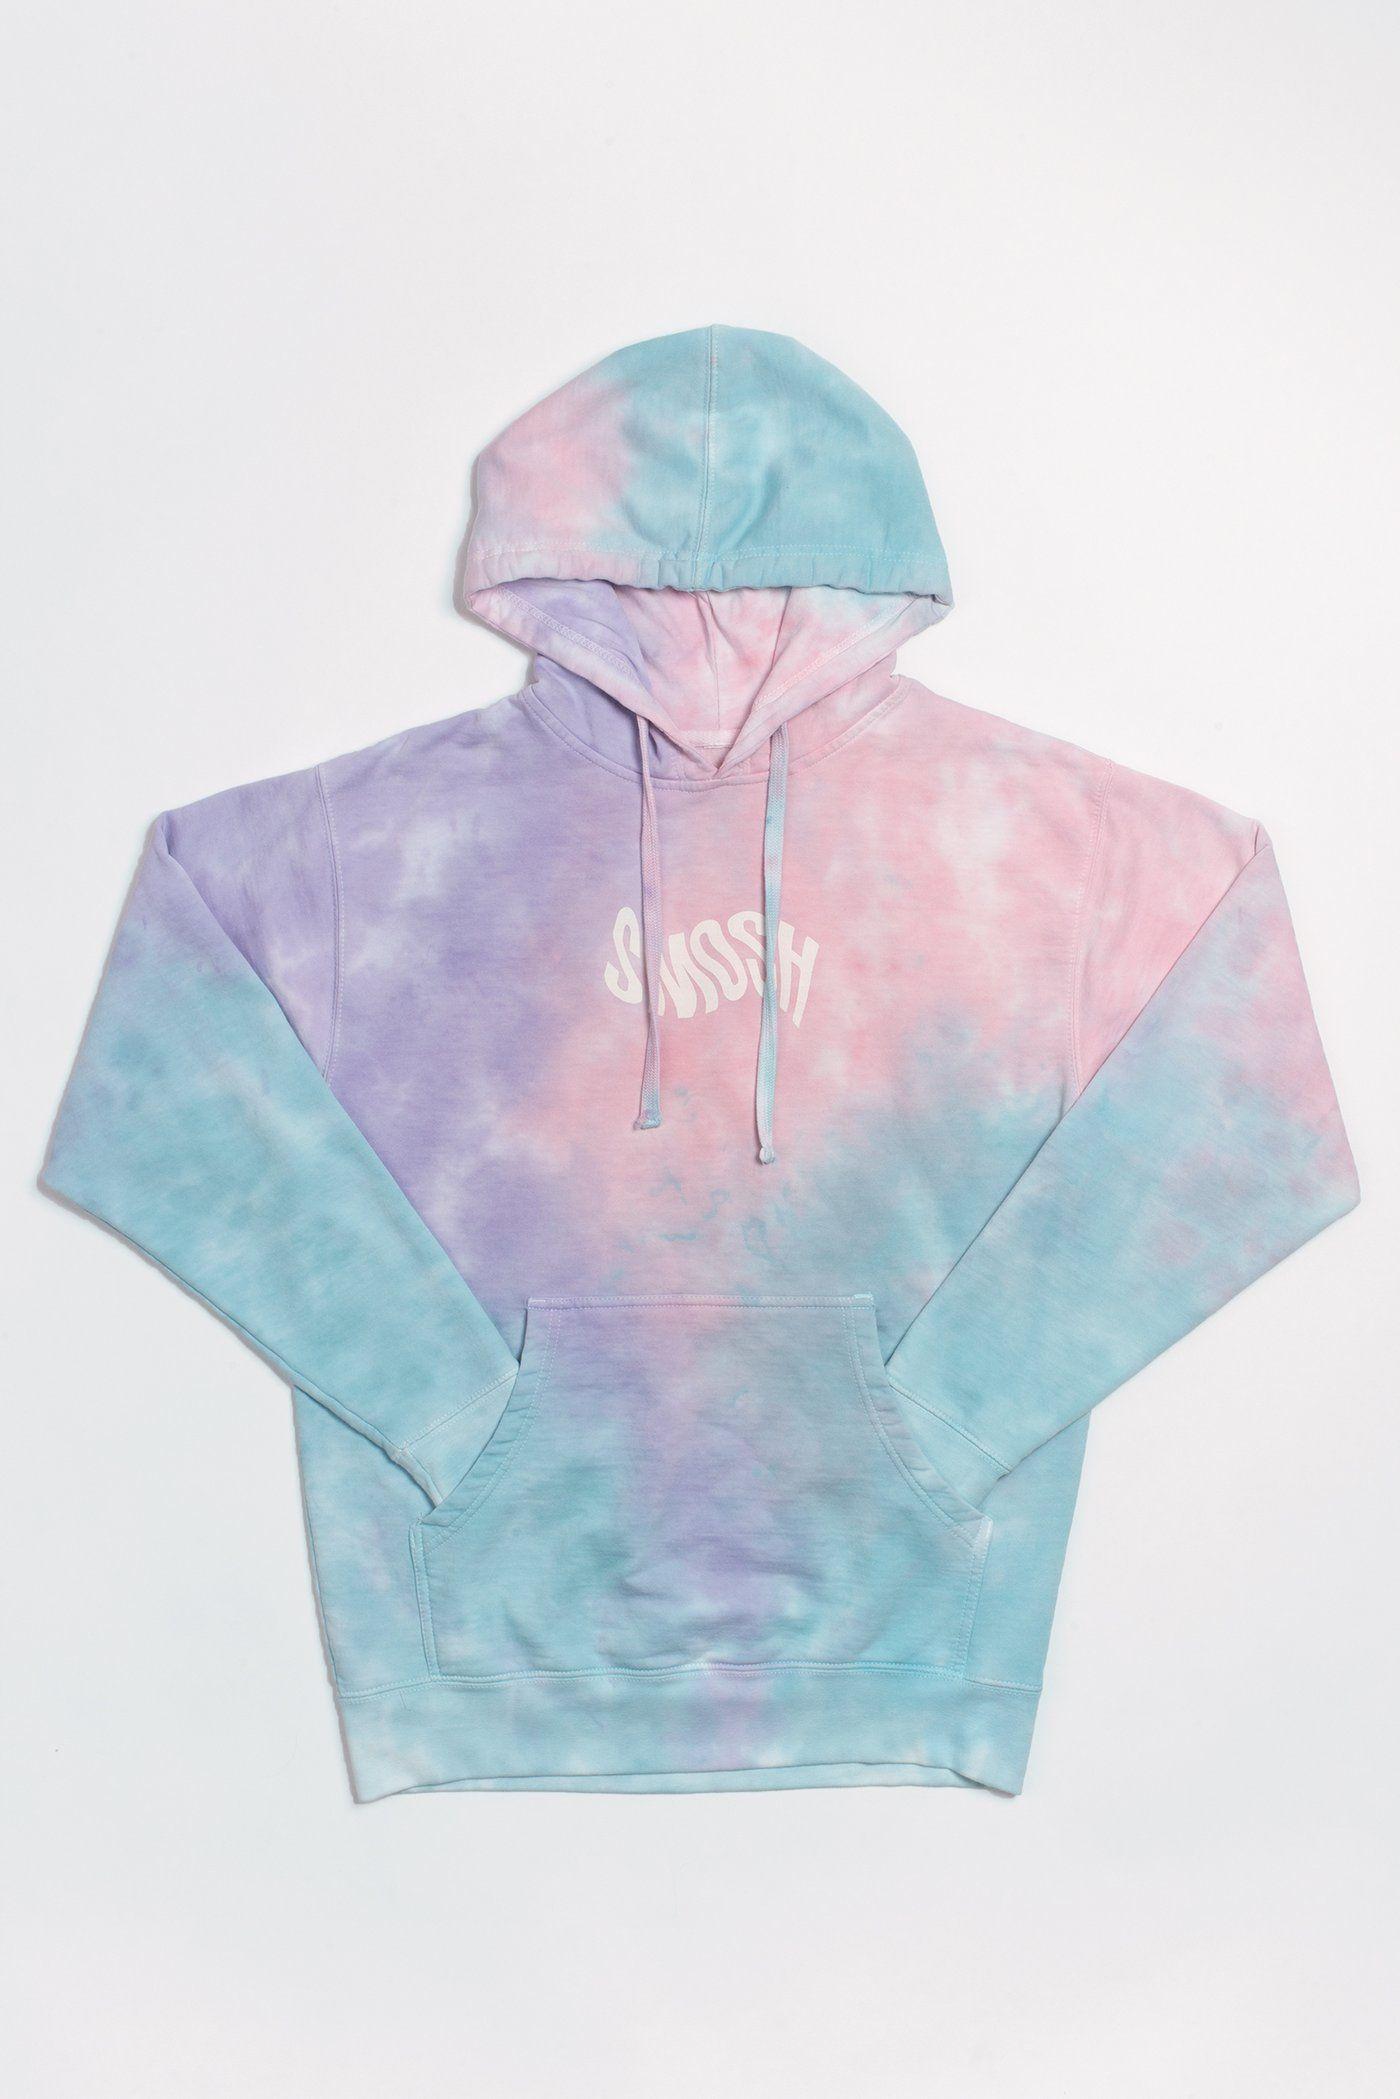 Smosh Tie Dye Hoodie Tie Dye Hoodie Tie Dye Outfits Tie Dye Shirts [ 2099 x 1400 Pixel ]